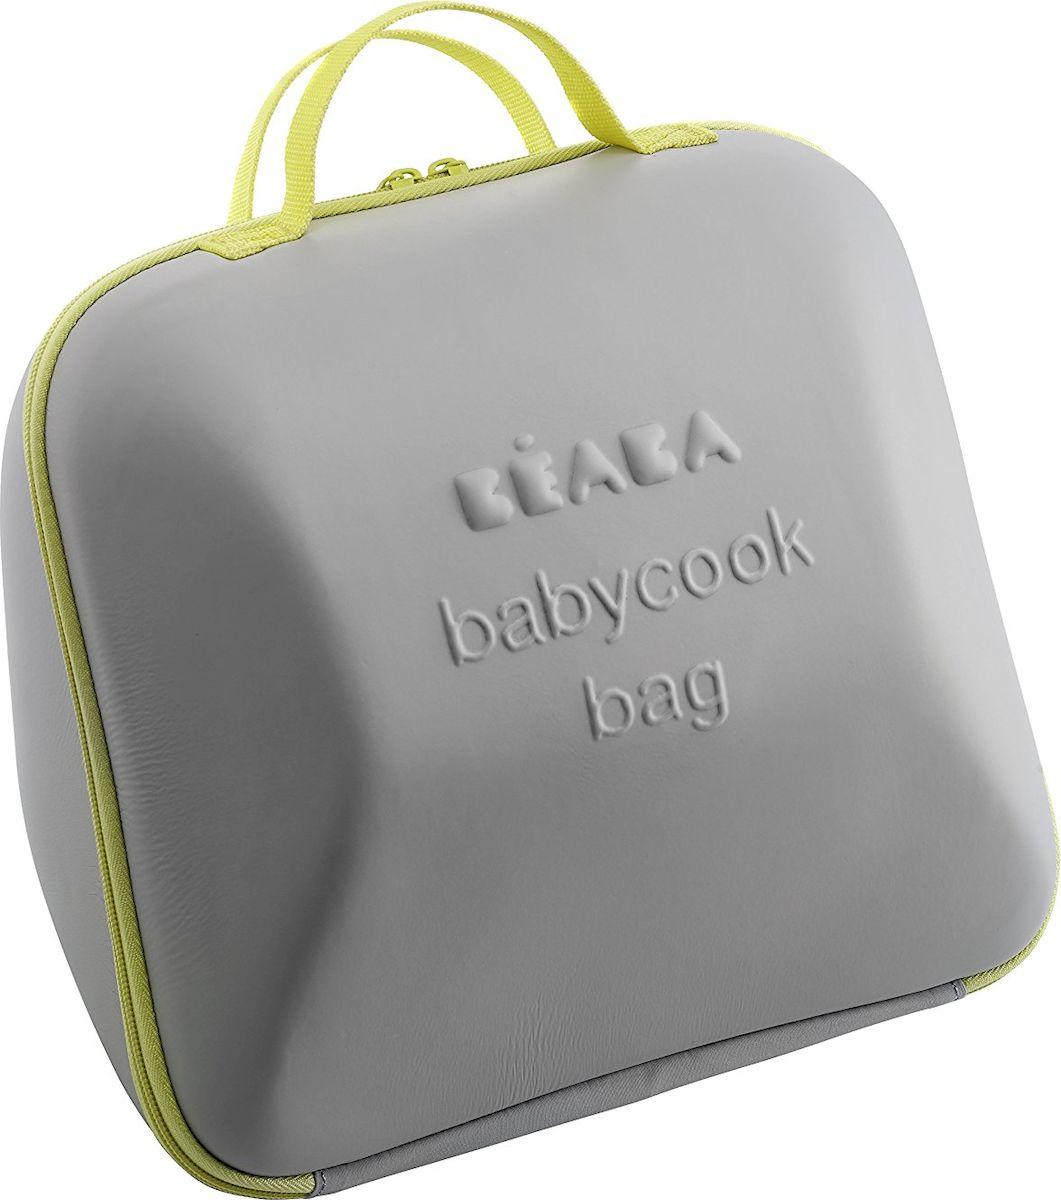 Beaba Сумка для блендера-пароварки цвет серый салатовый -  Все для детского кормления